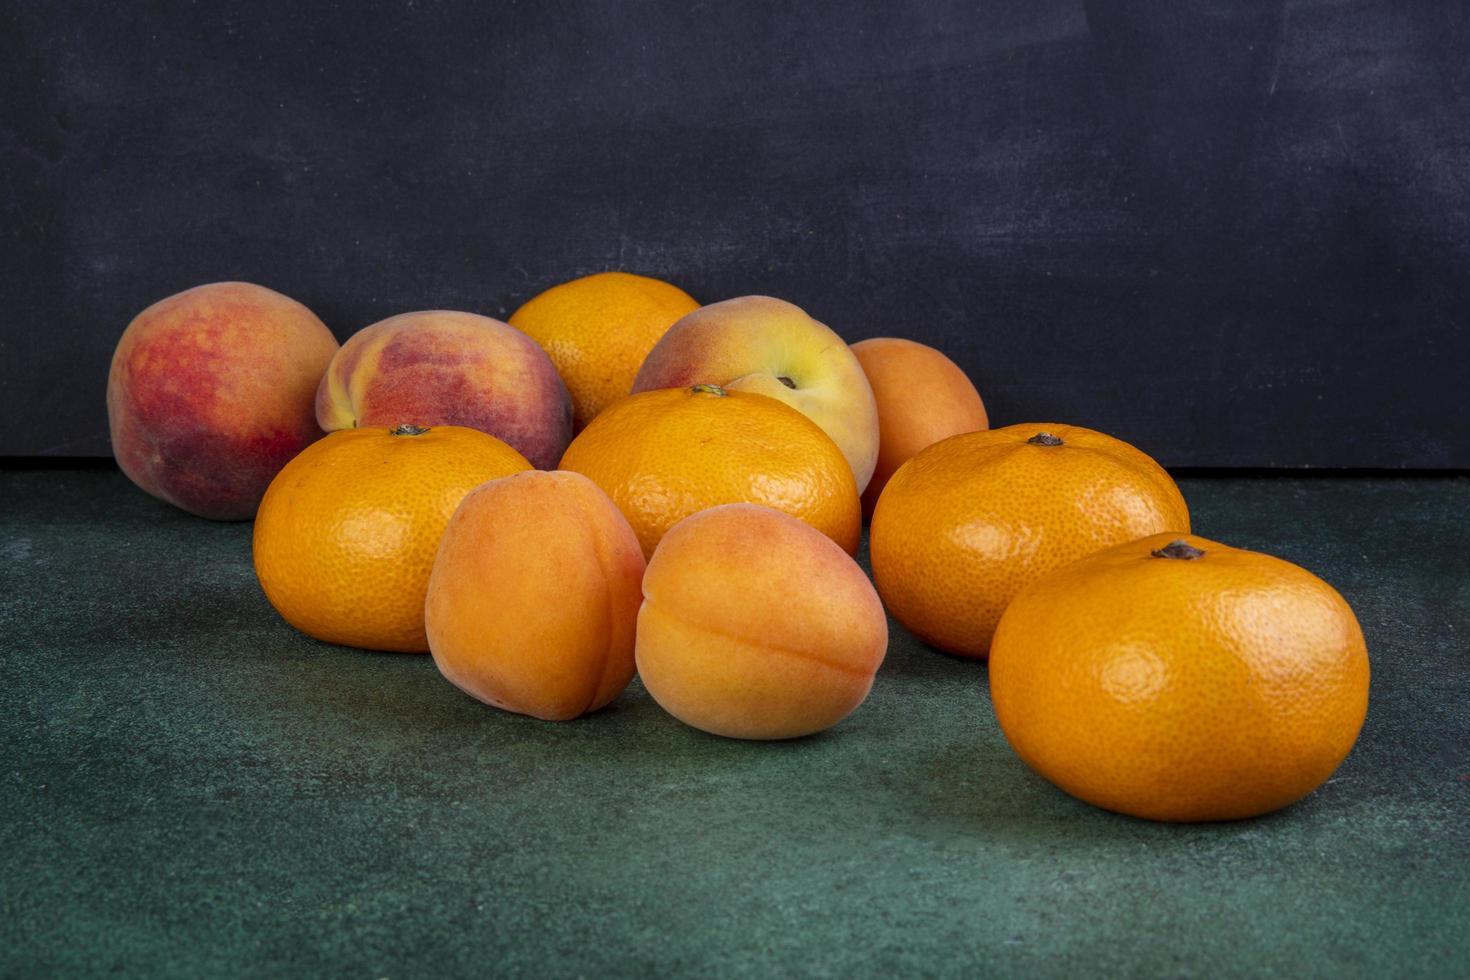 vista frontal de pêssegos com tangerinas e damascos foto